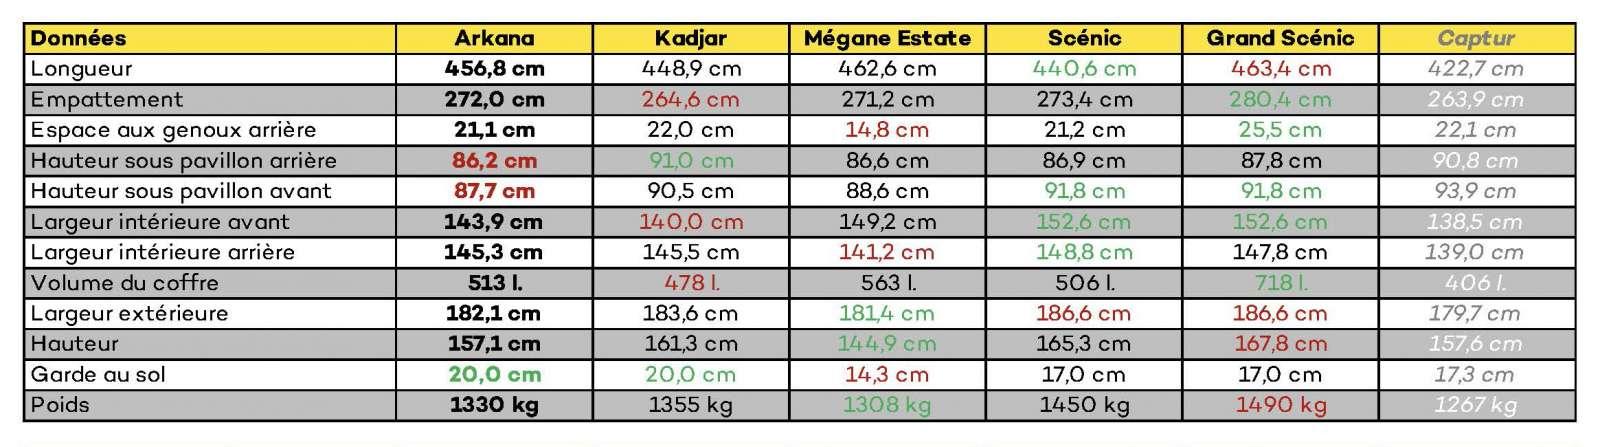 LNA ESSAI Renault Arkana Comparaison 1